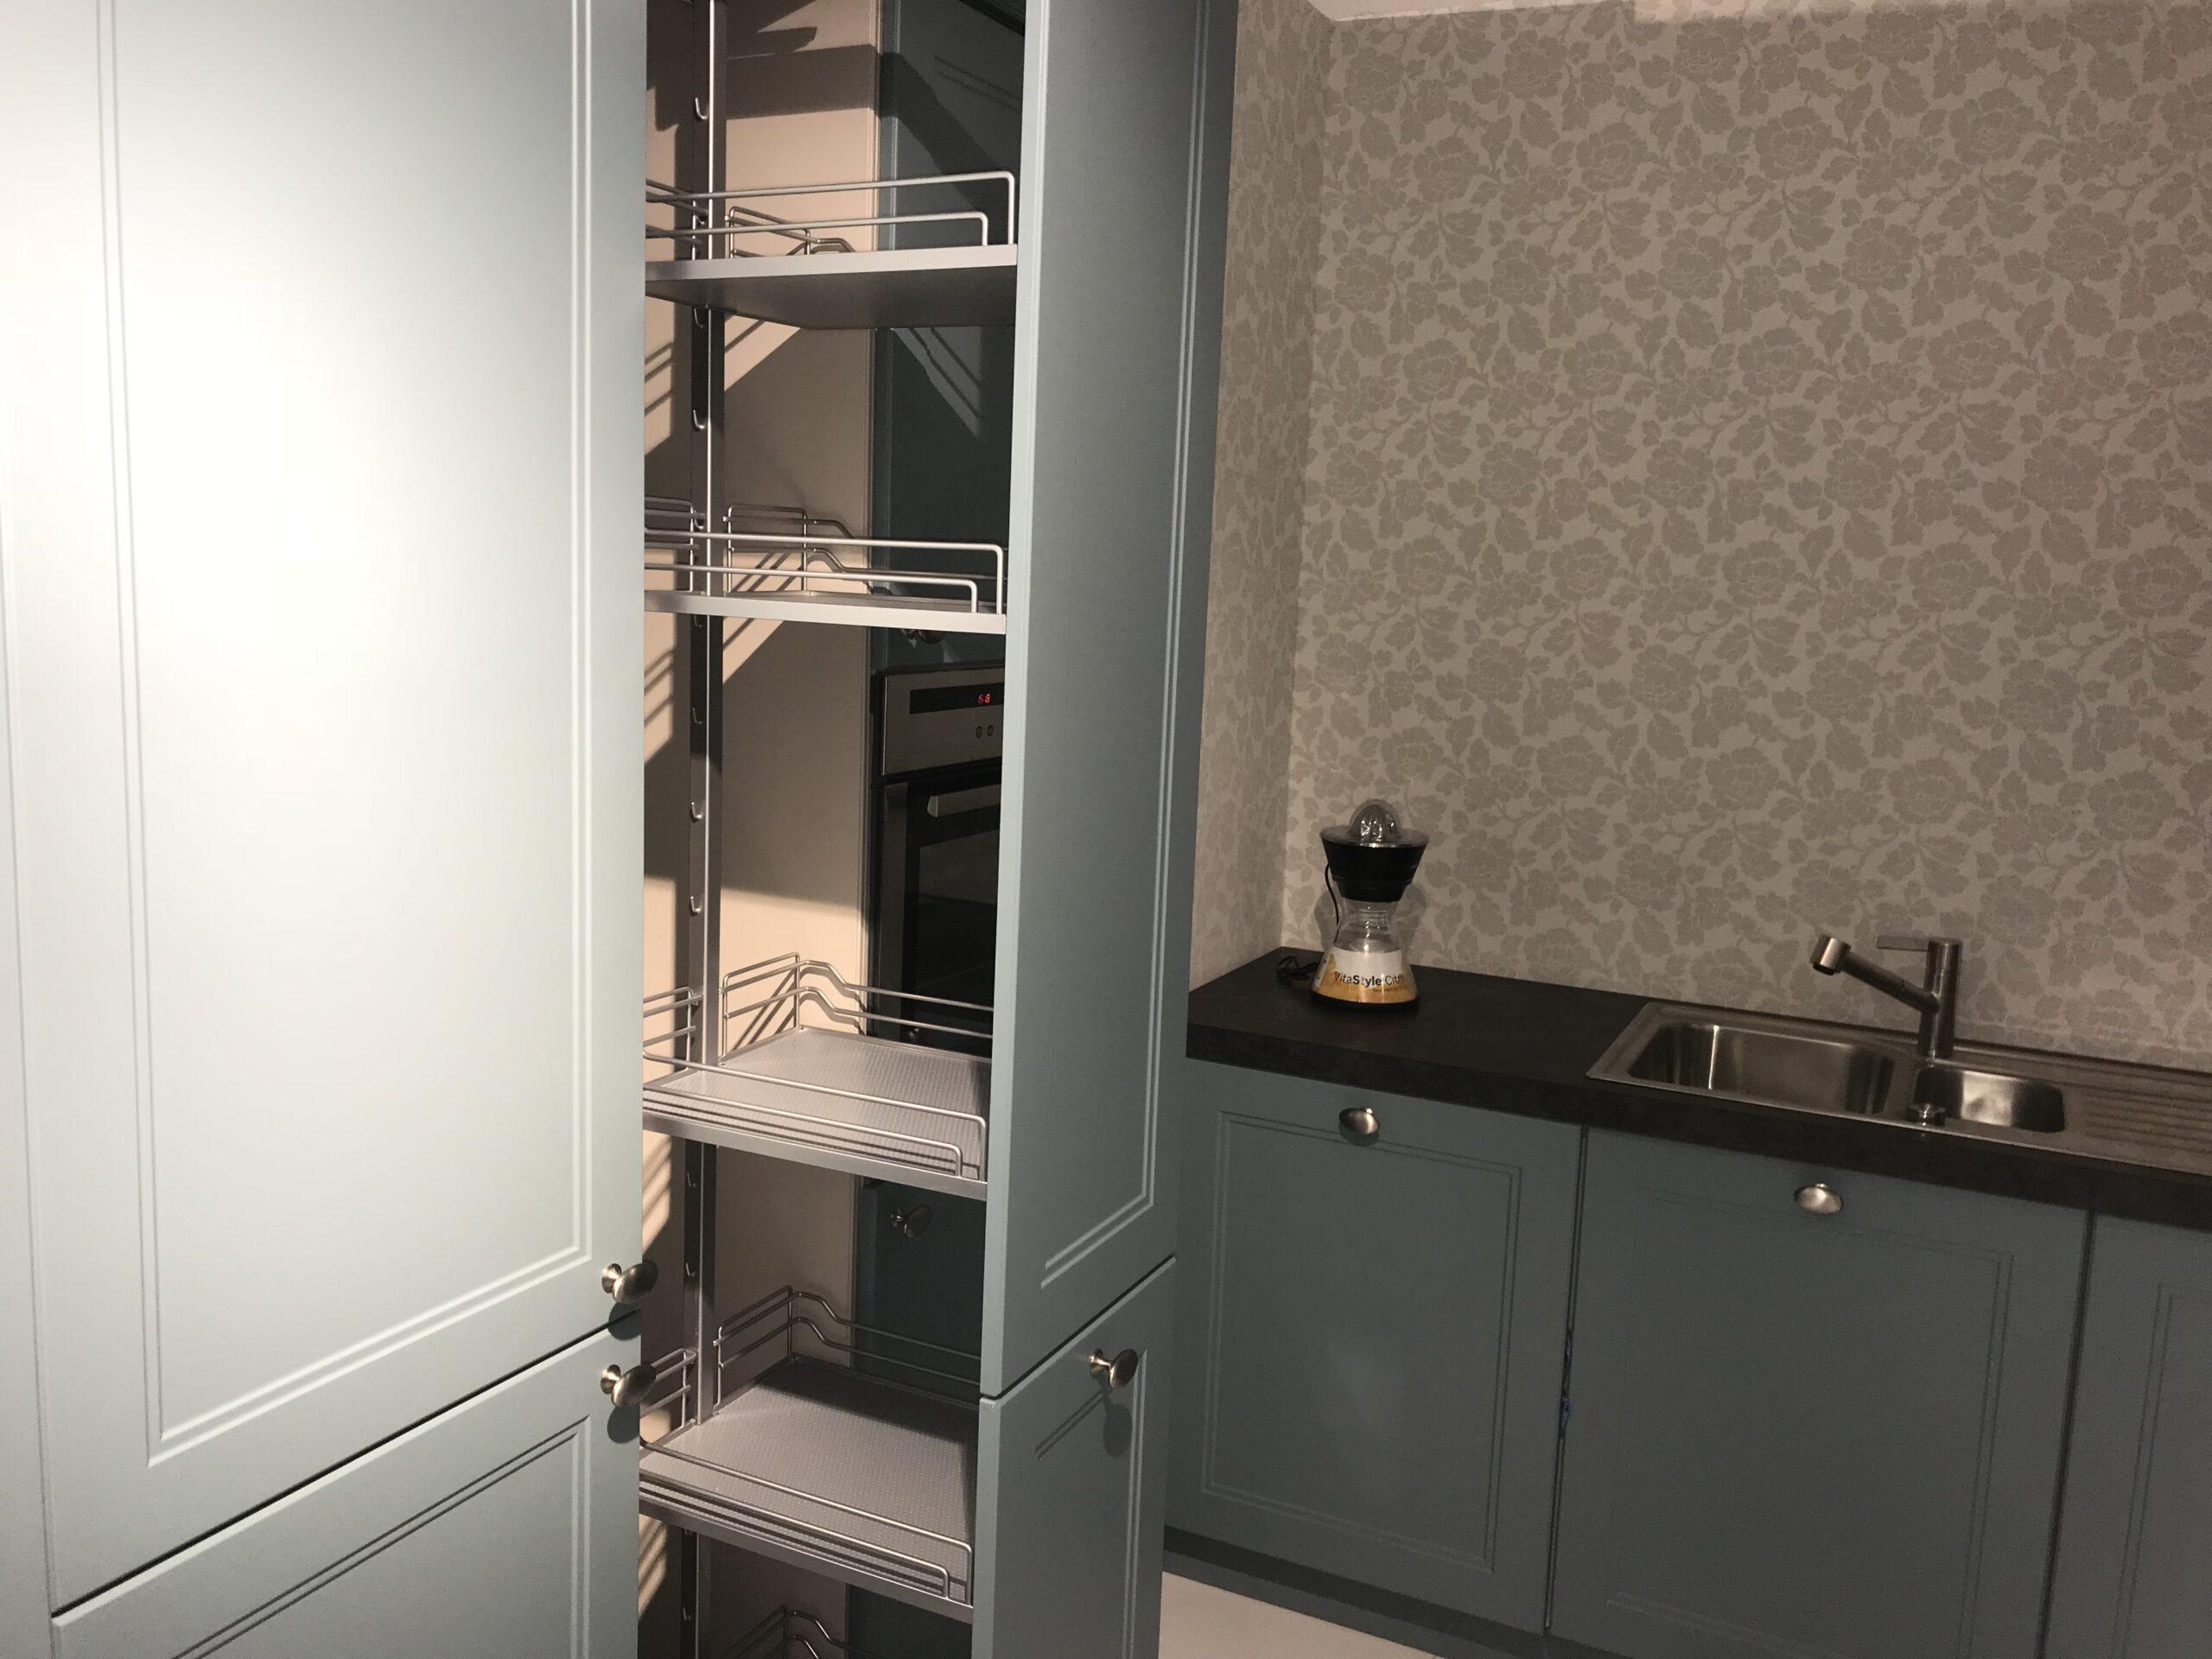 Full Size of Nolte Einbaukche Windsor Schlafzimmer Küche Sideboard Mit Arbeitsplatte Betten Arbeitsplatten Wohnzimmer Nolte Arbeitsplatte Java Schiefer